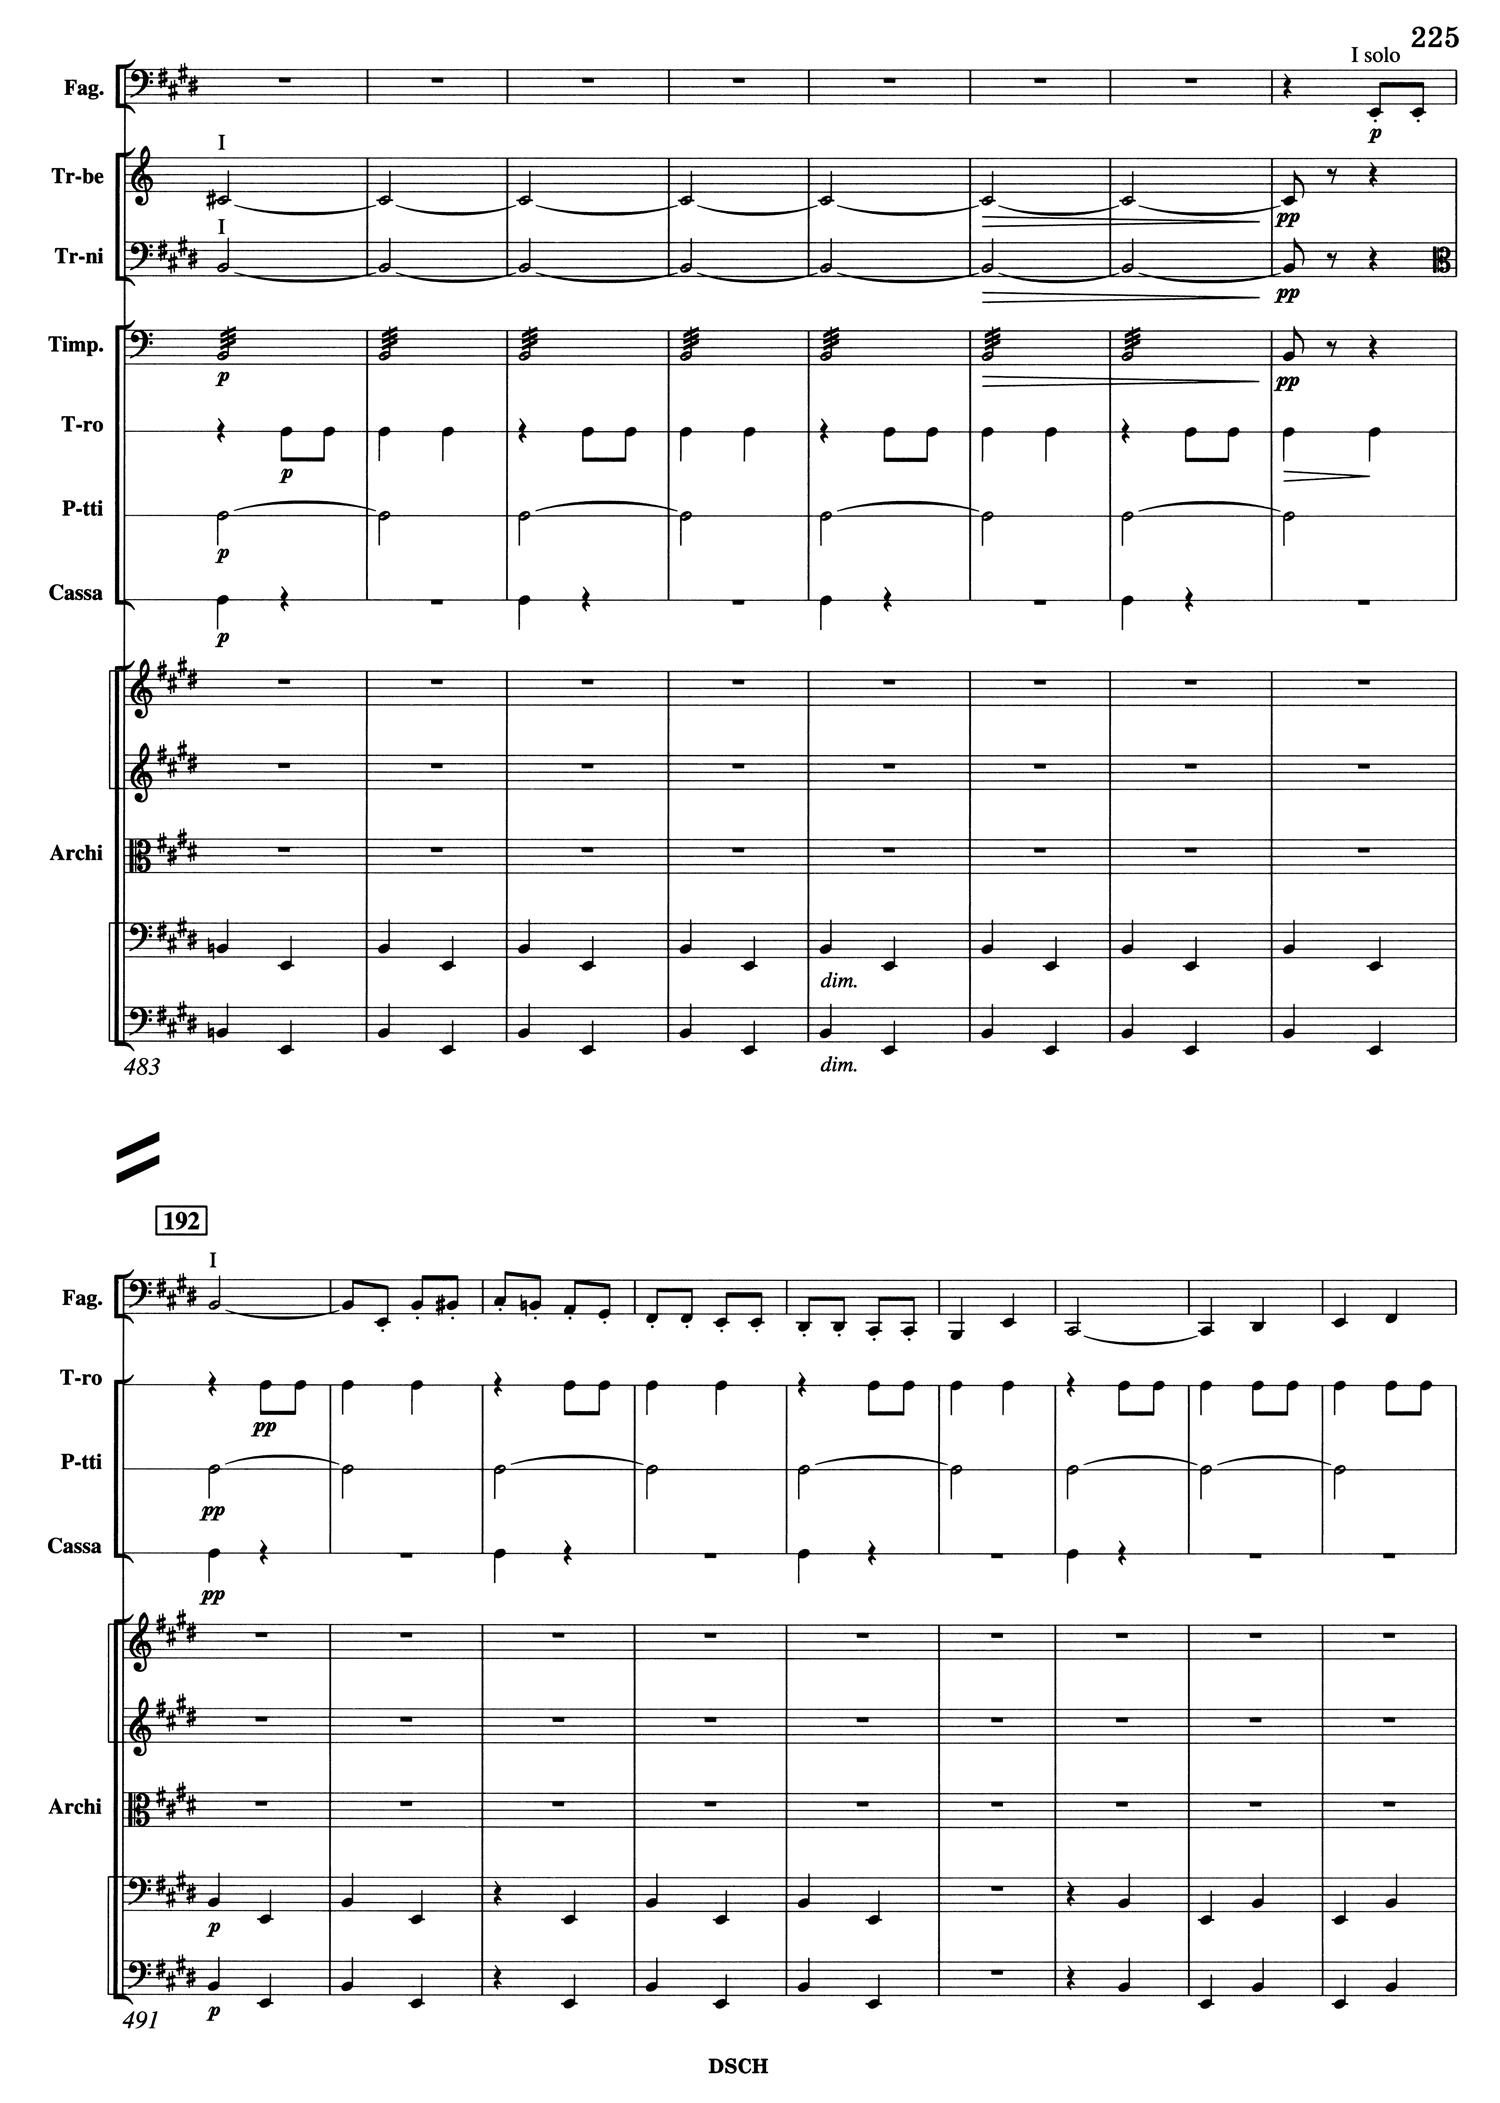 Shostakovich 10 Mvt 4 Score Page 4.jpg